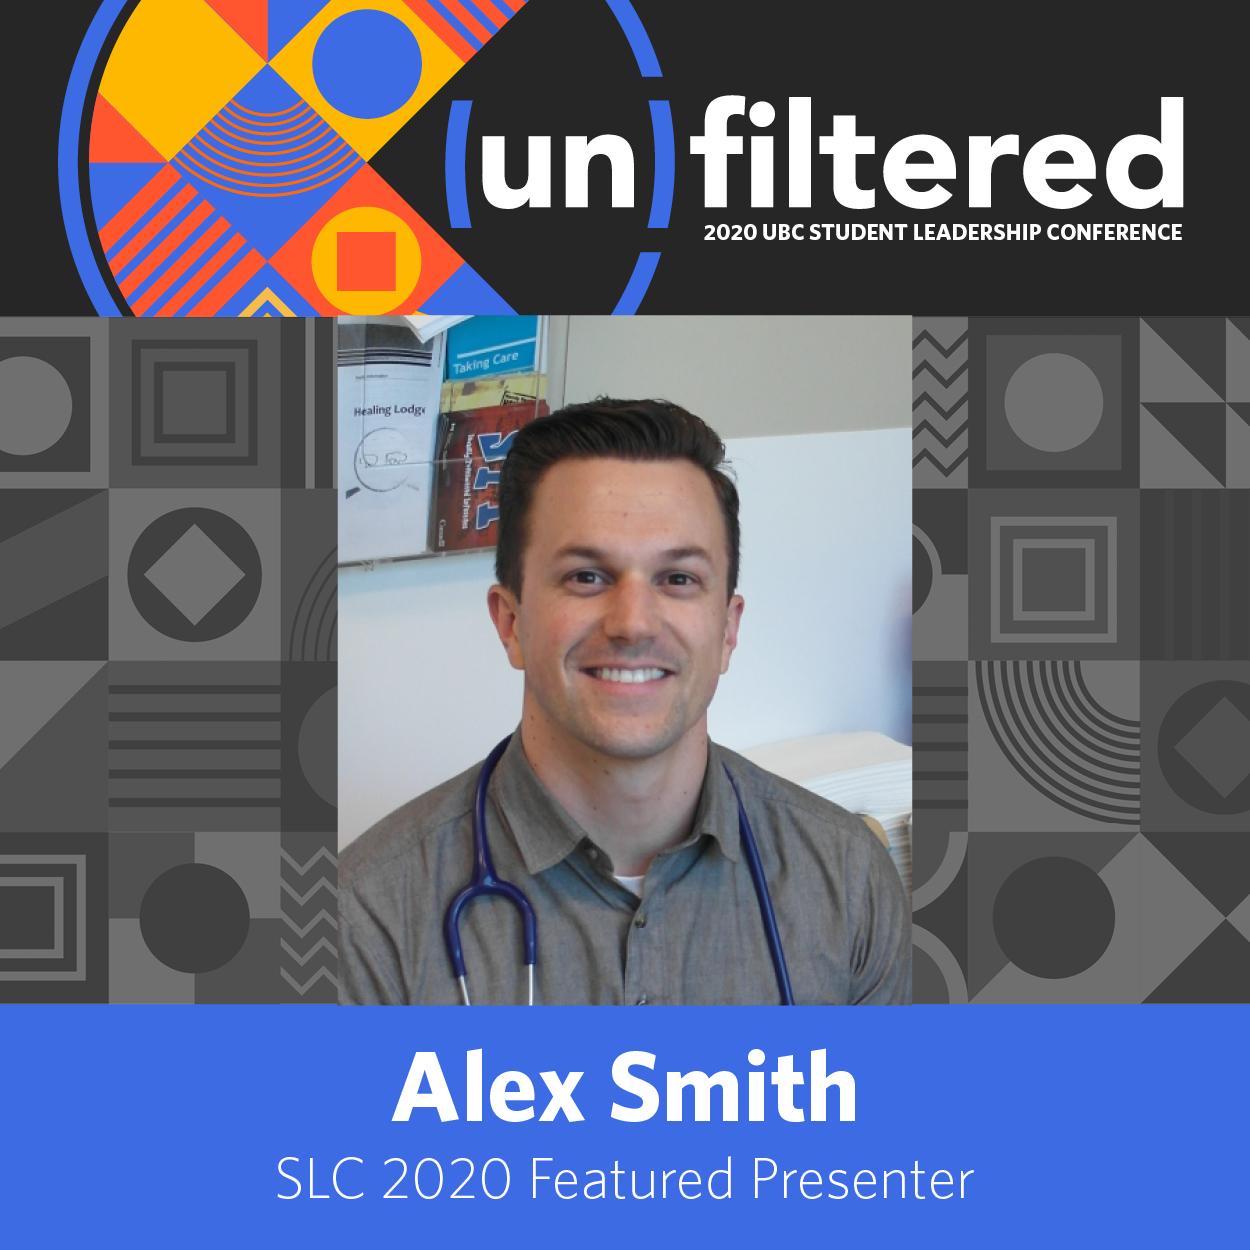 Alex Smith Featured Presenter